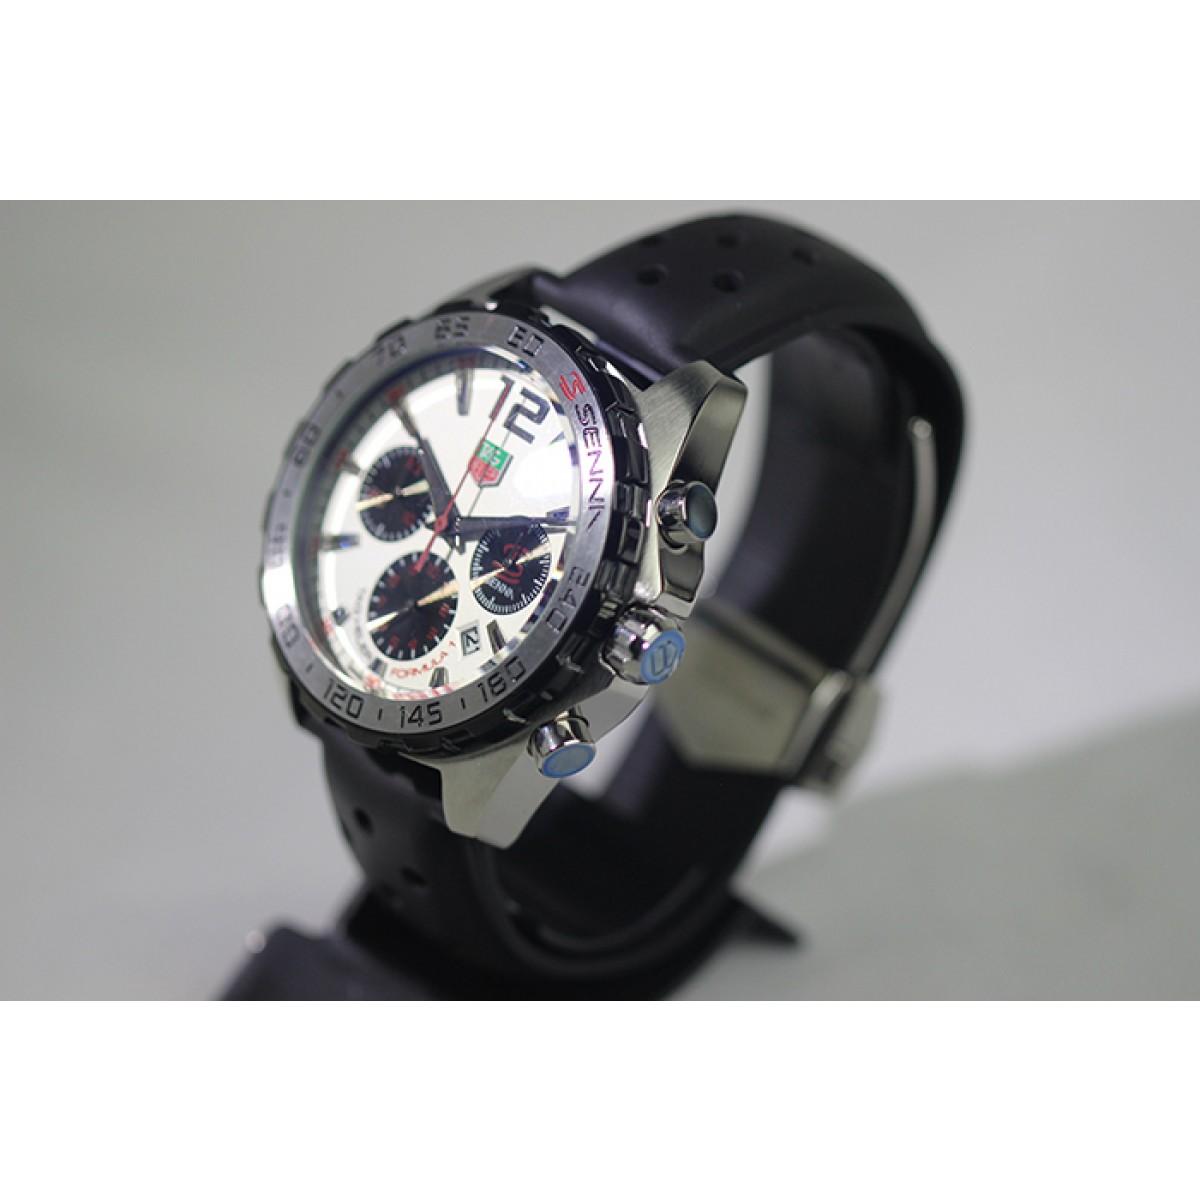 cba24080a2c Réplica de Relógio Tag heuer Airton senna preto mostrador branco